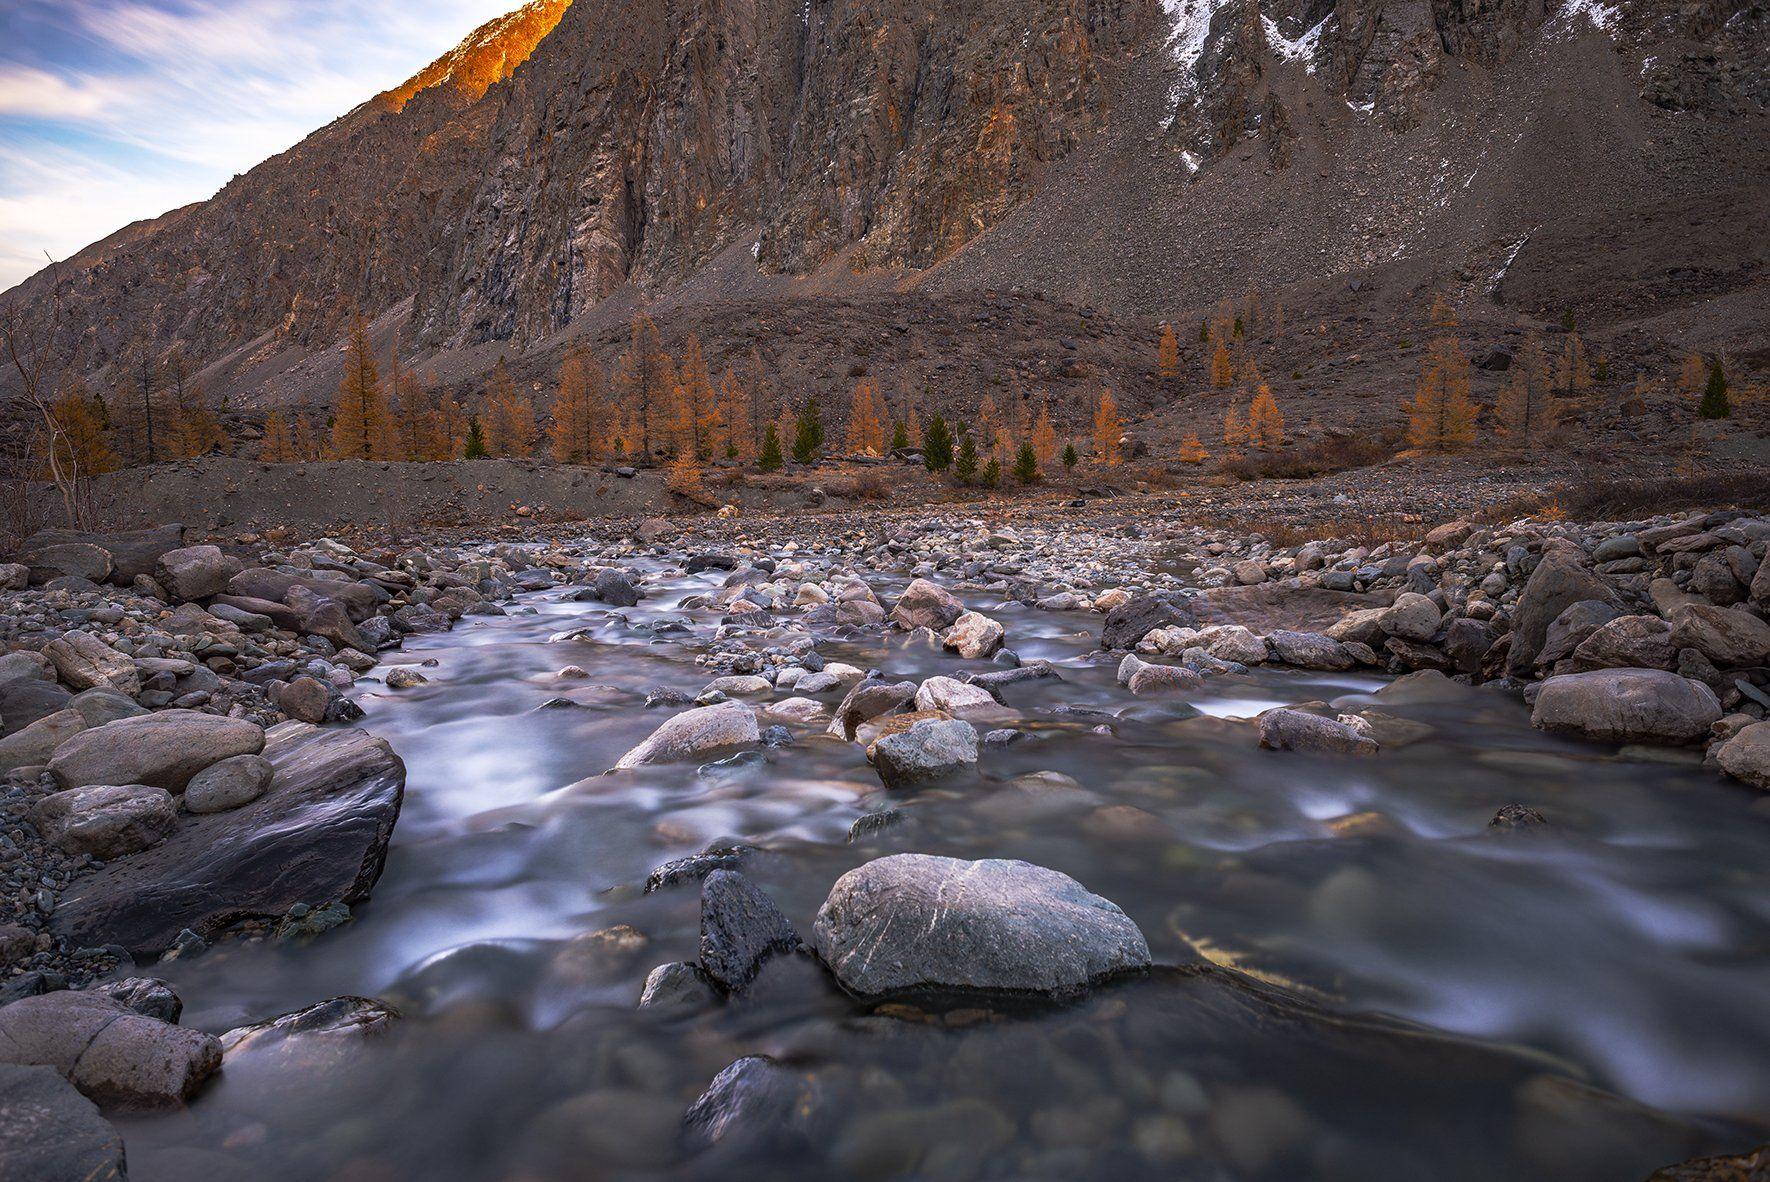 горный алтай, осень, горы, актру, речка, Евгений Шестаев